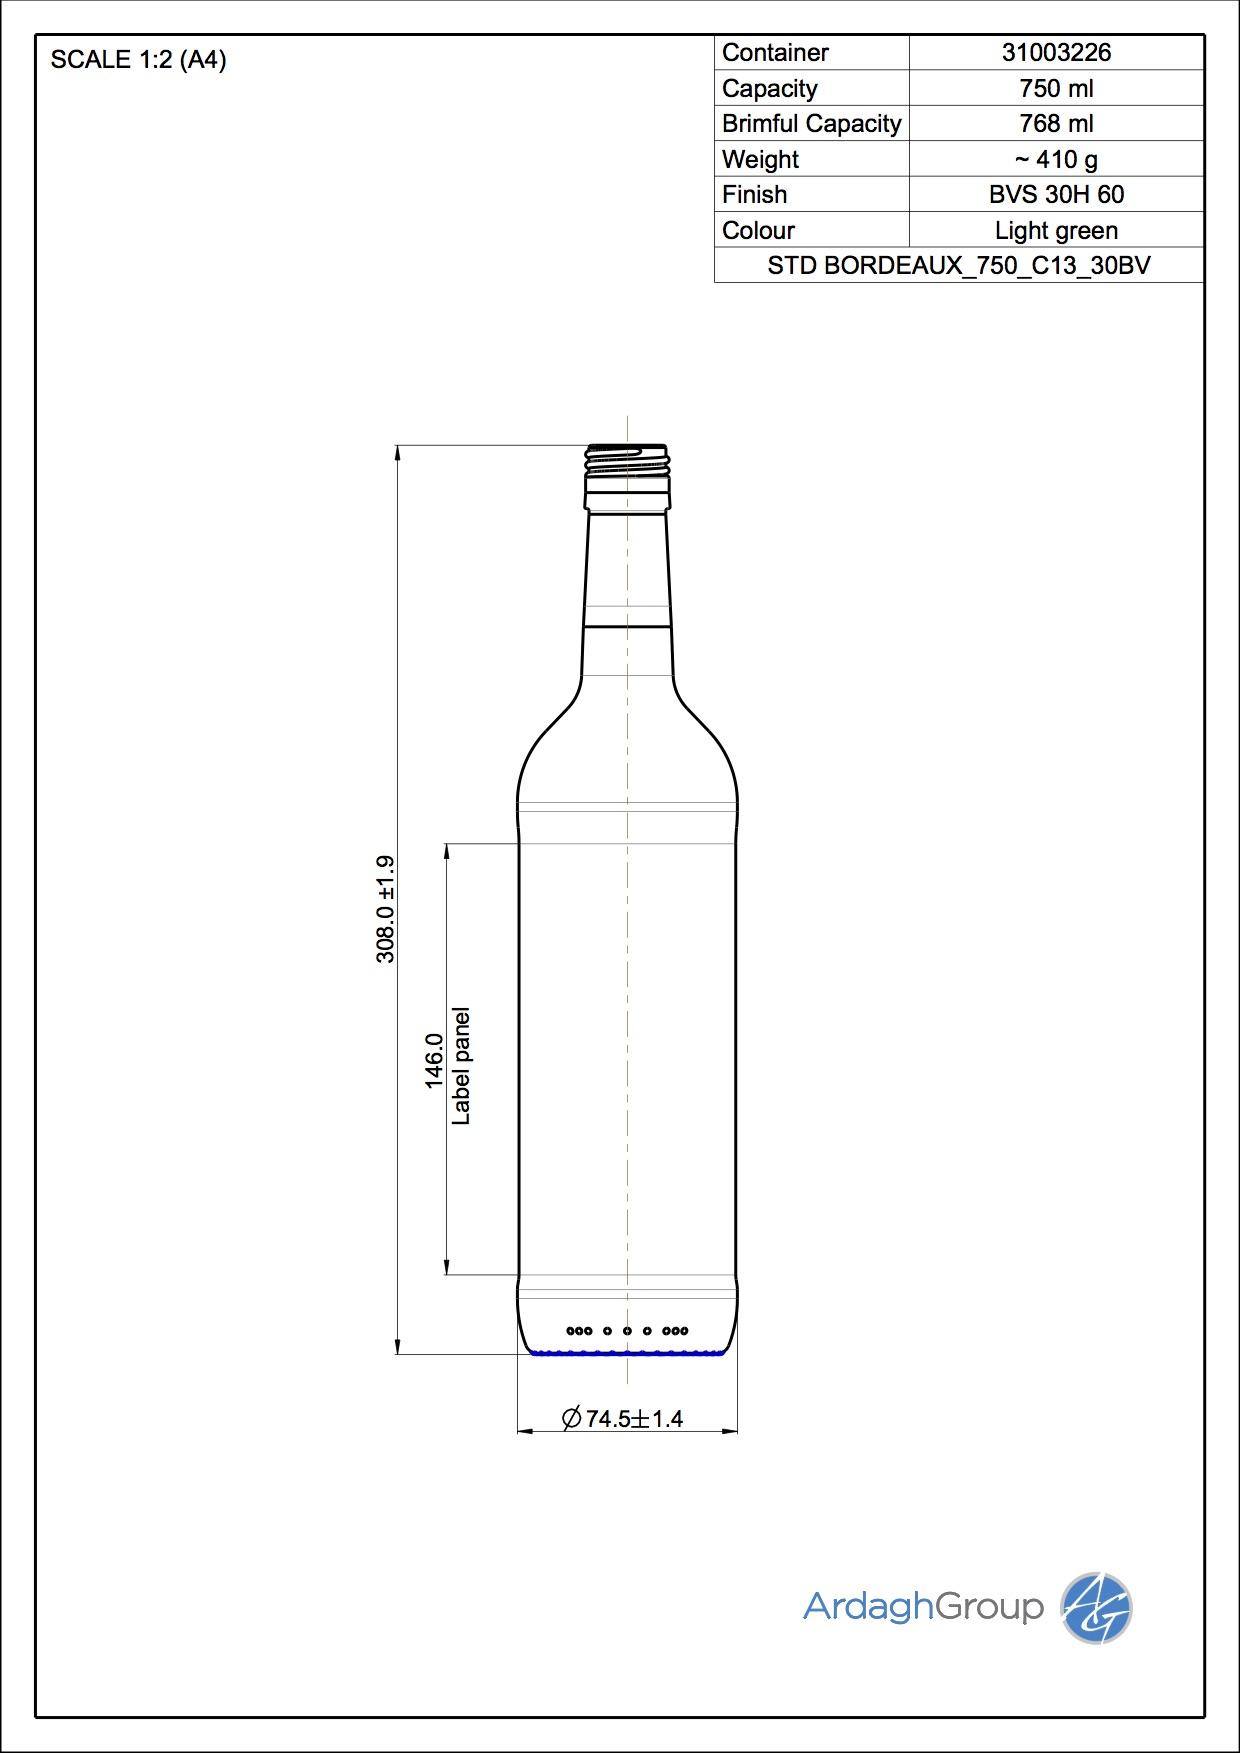 BORDEAUX 410G_750_C13_30BV